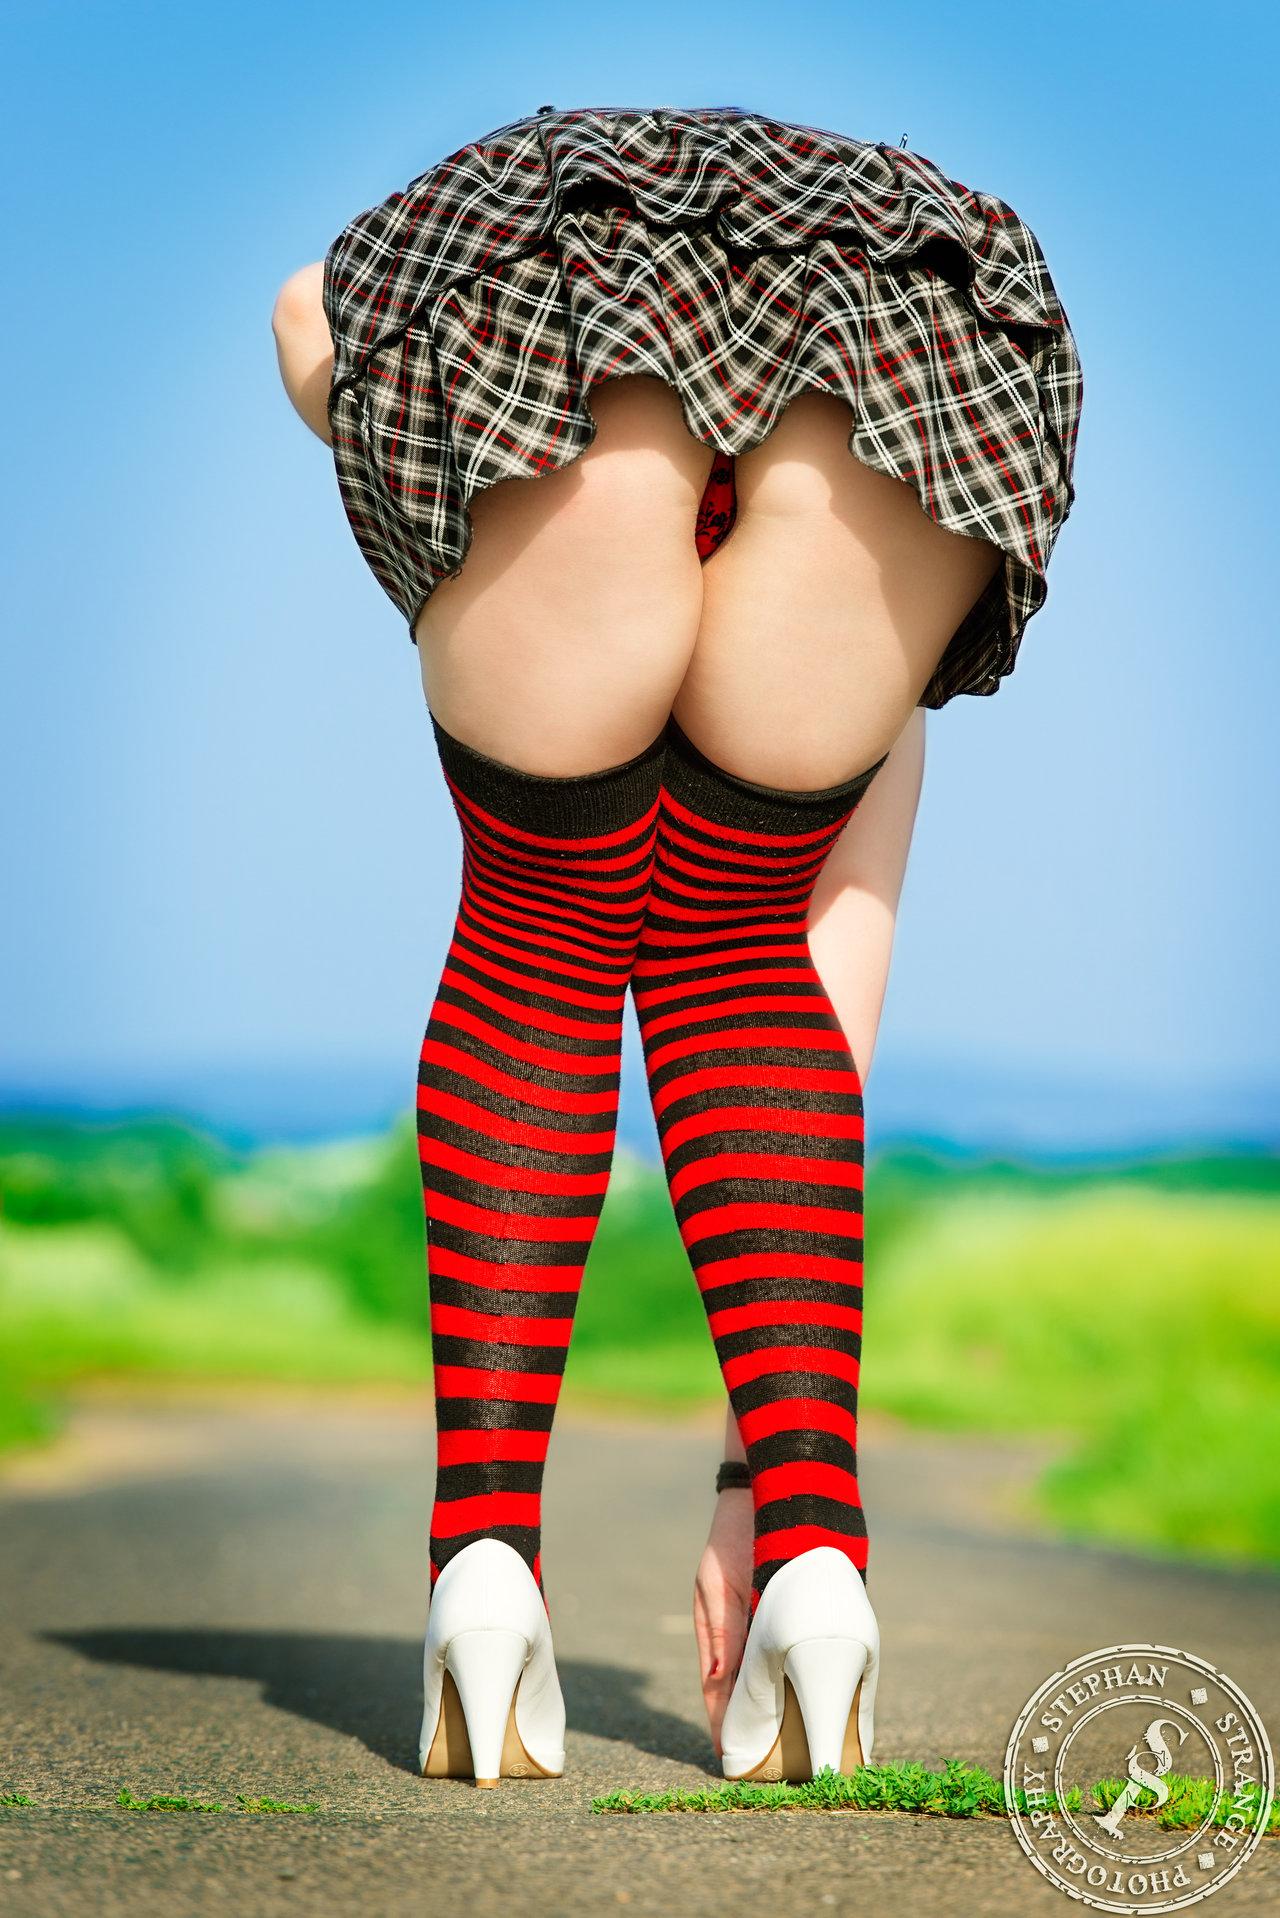 【美尻エロ画像】ミニスカにTバック尻!最高過ぎる組み合わせの丸出し誘惑(;´Д`)